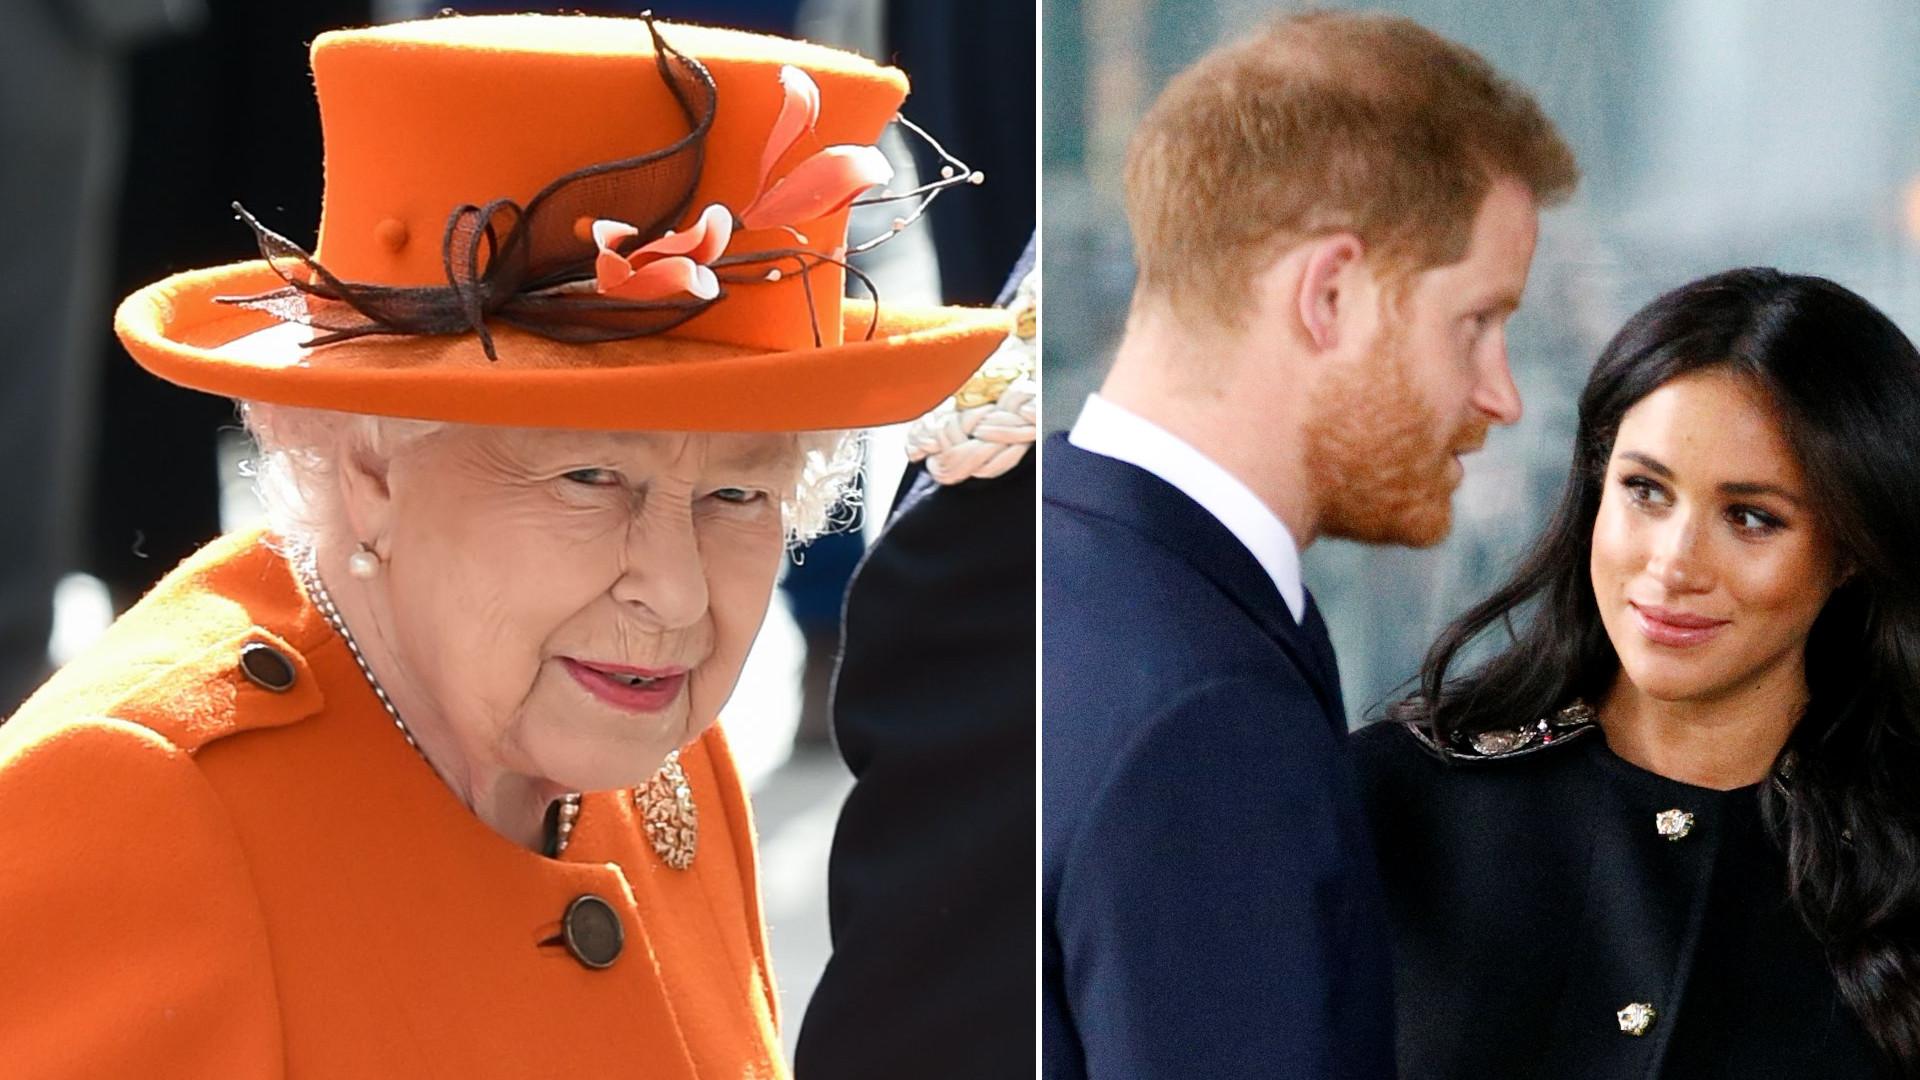 Świąteczne zdjęcie Królowej Elżbiety wywołało BURZĘ – publicznie upokorzyła Meghan i Harry'ego